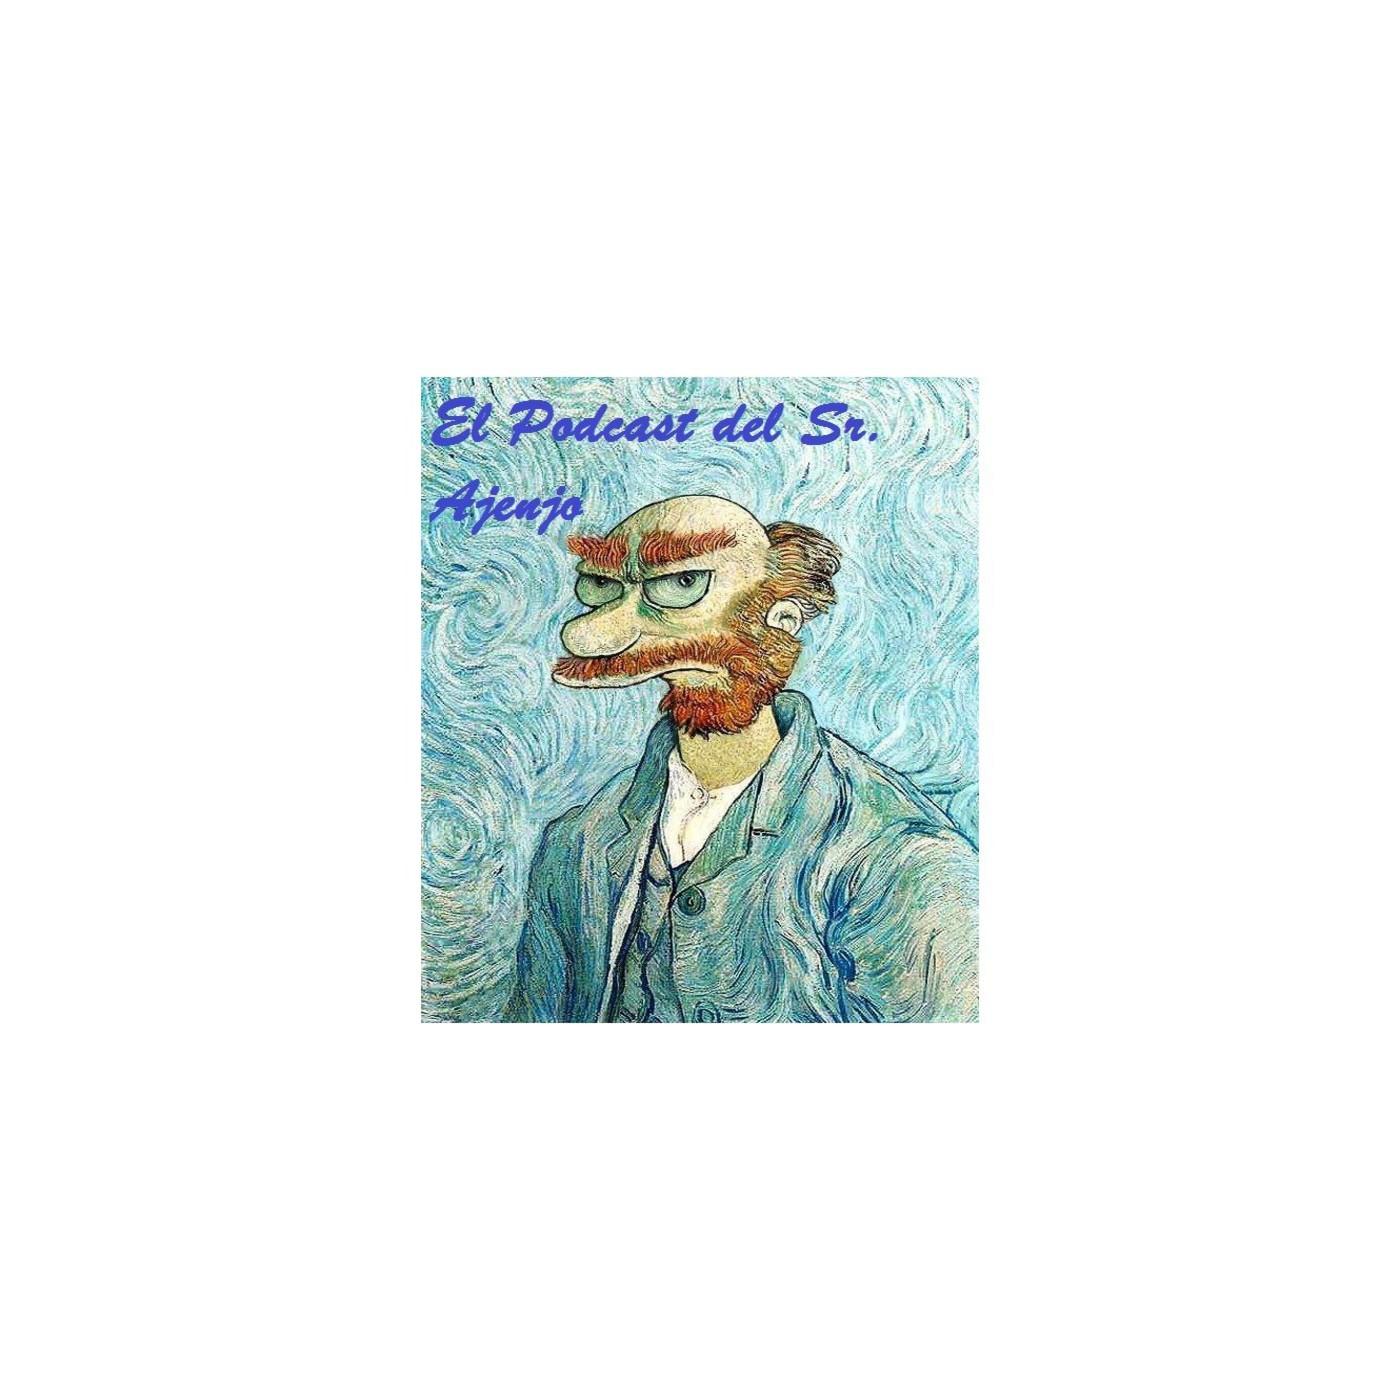 <![CDATA[Podcast del Sr. Ajenjo]]>